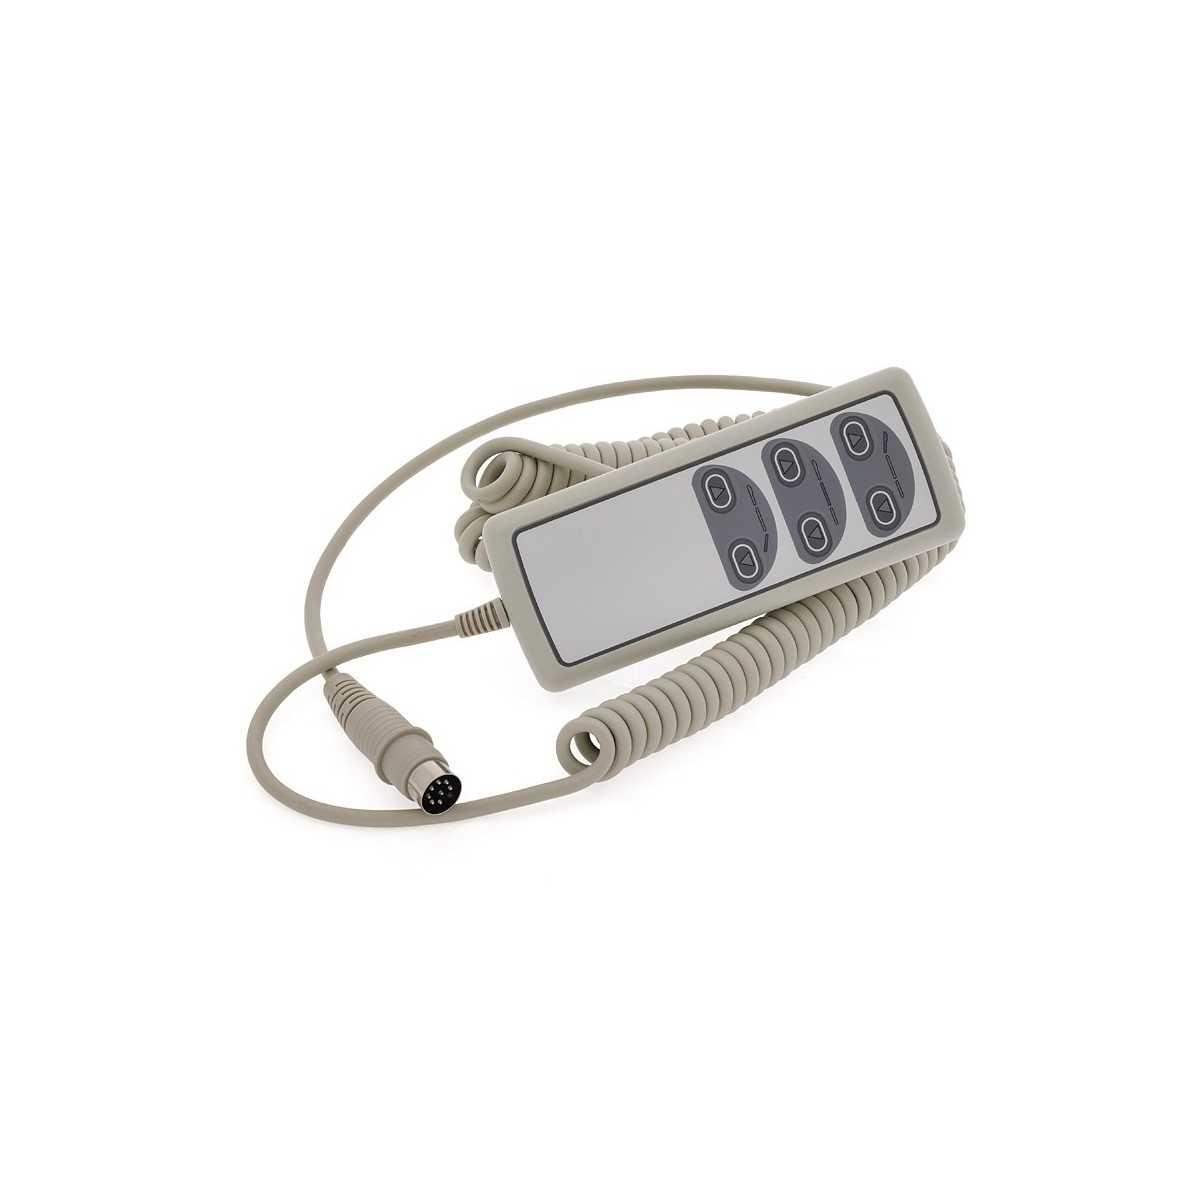 Letto massaggio elettrico Zenit - Lettino elettrico - Weelko